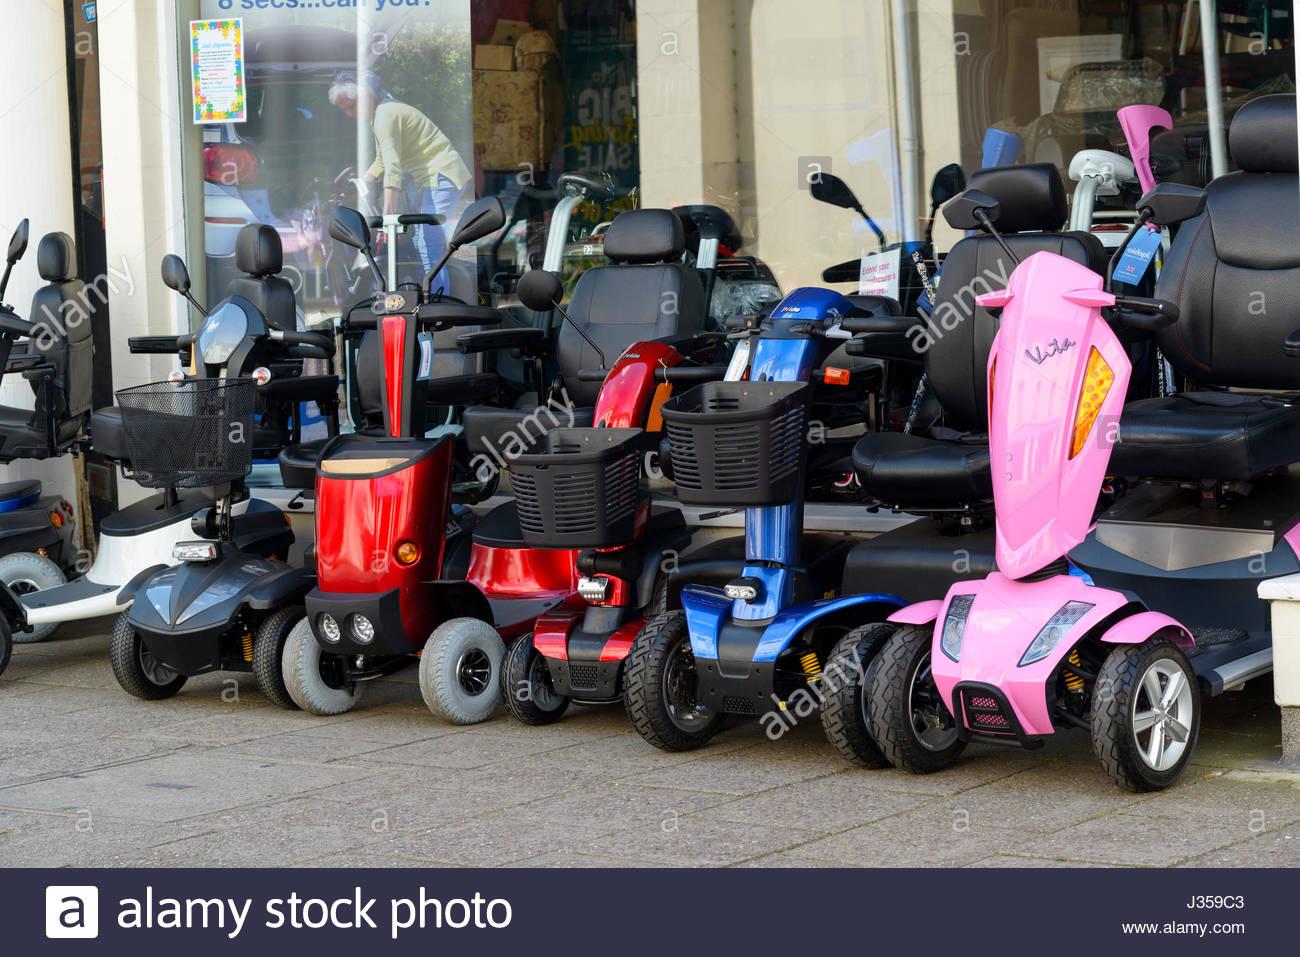 Les scooters de mobilité, Wimborne Minster, Dorset, Angleterre Photo Stock